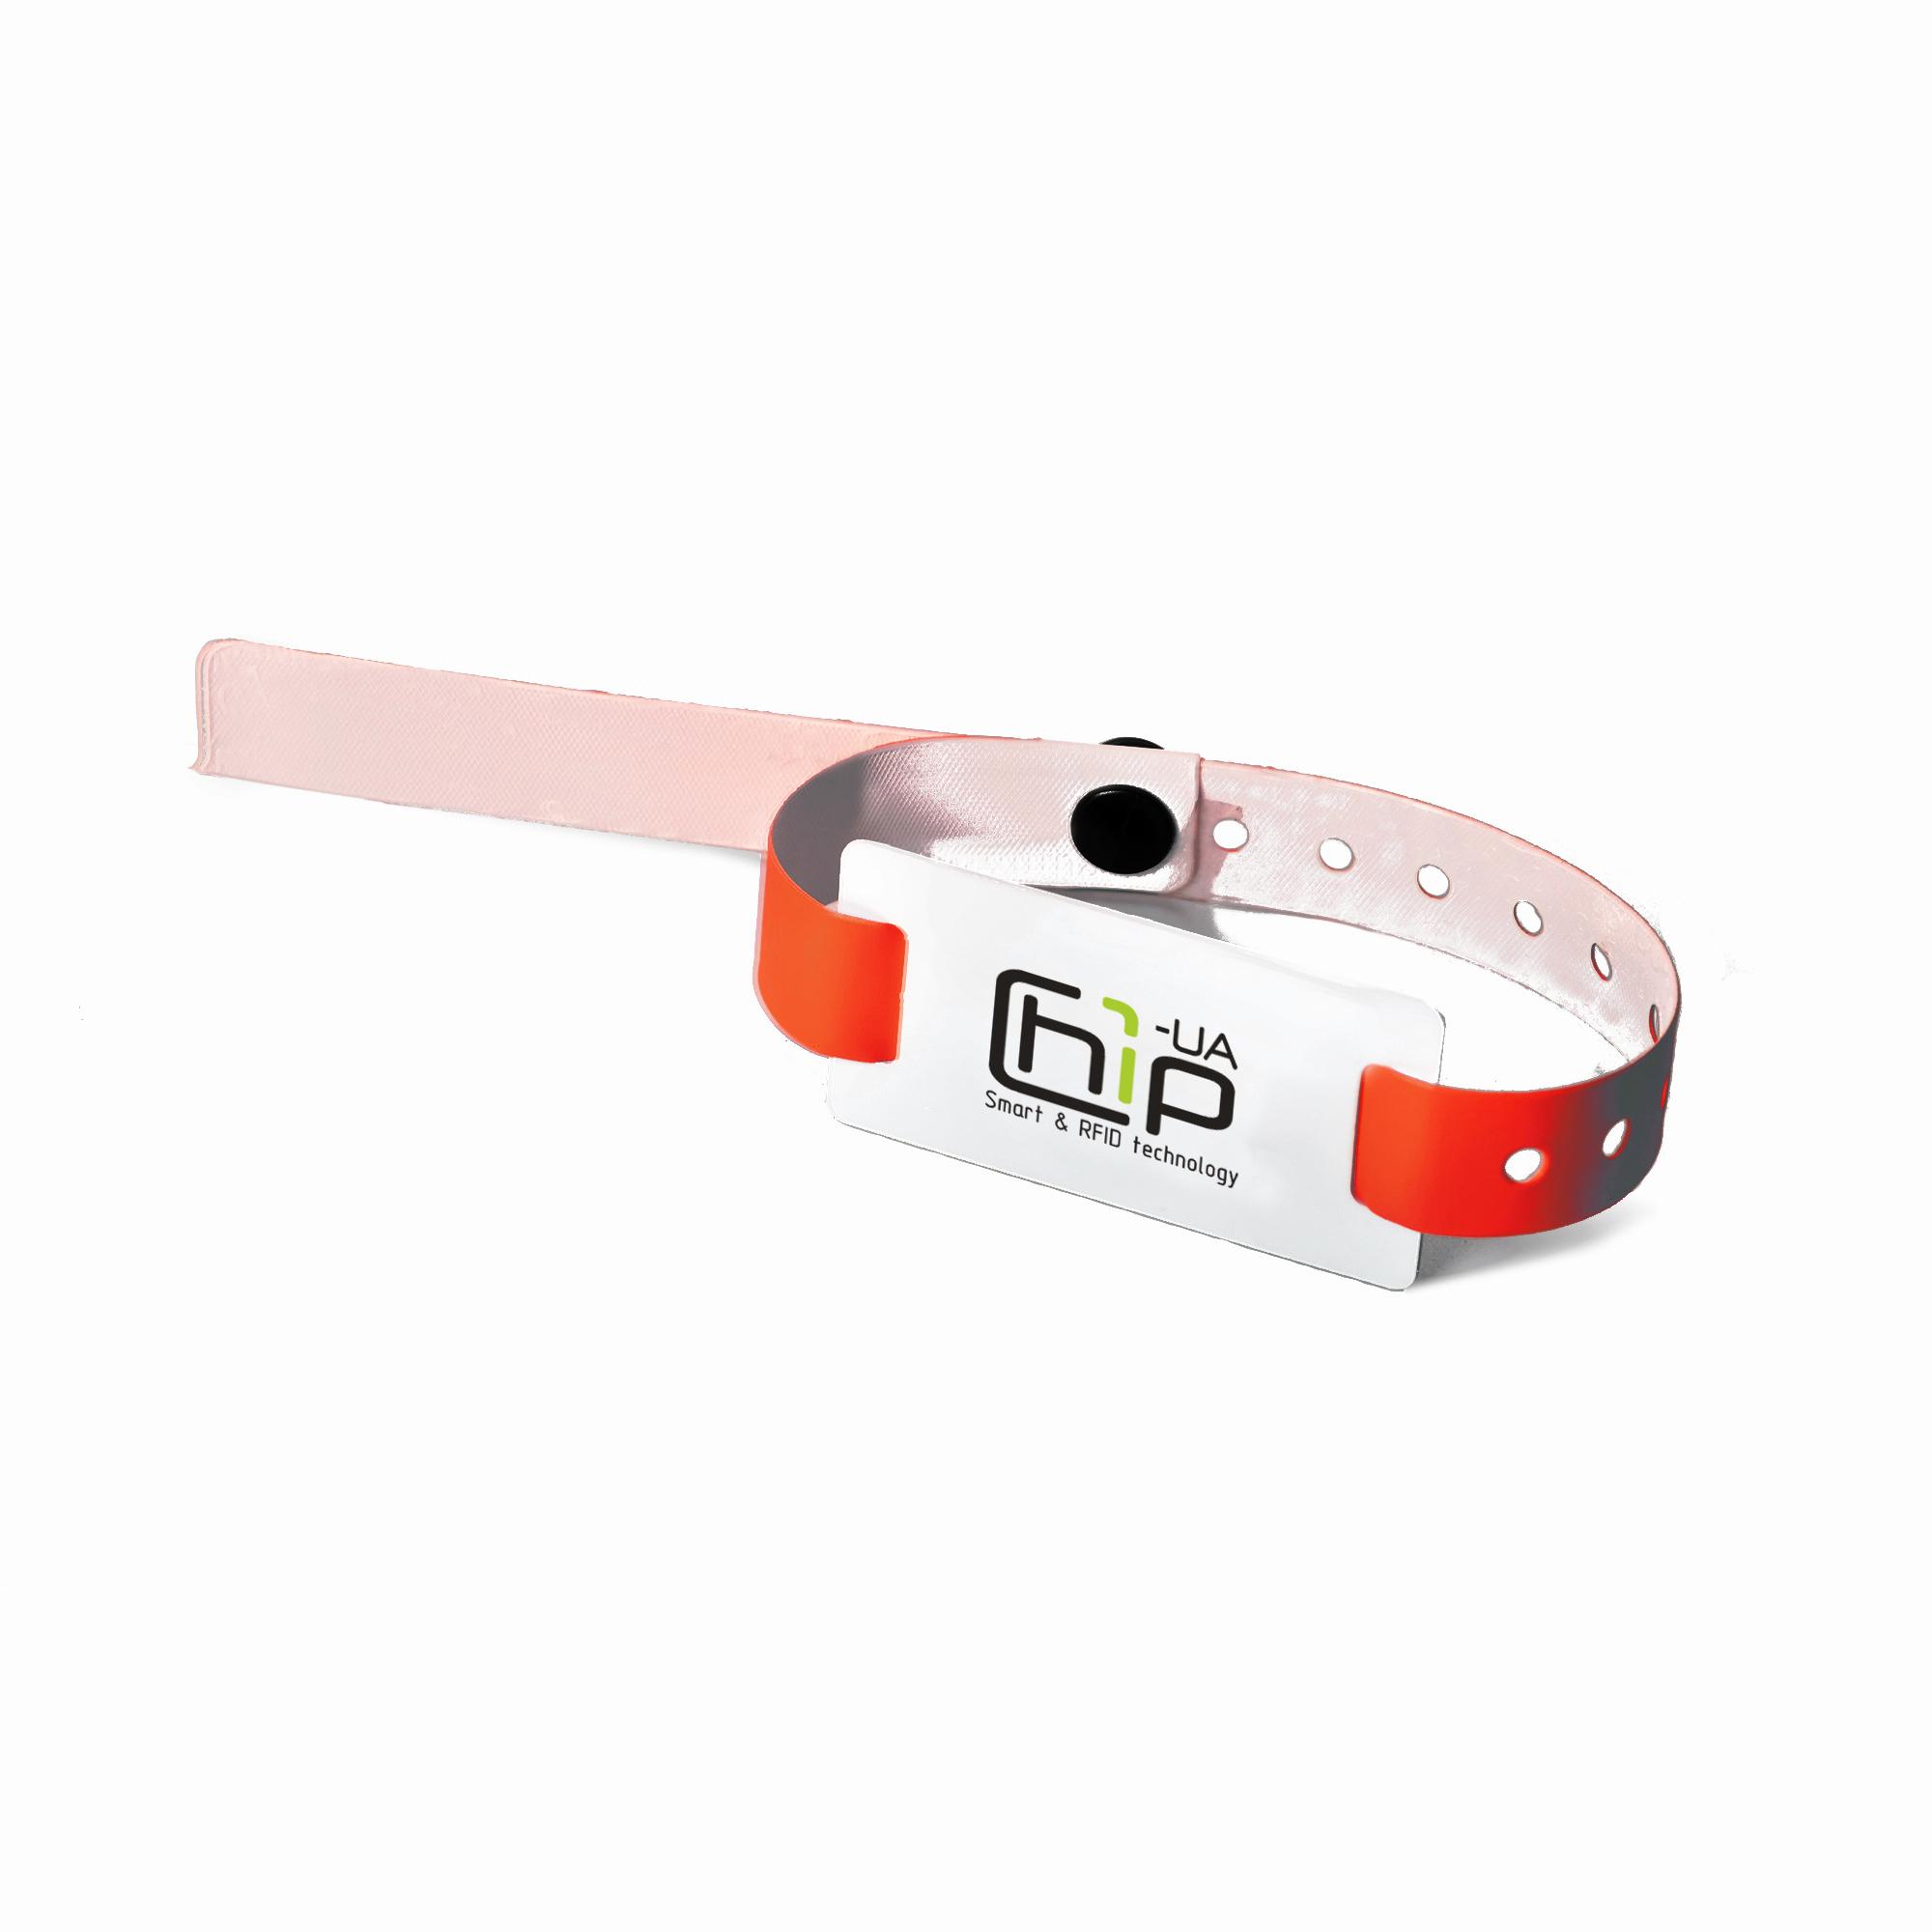 Chip-UA | Красный бесконтактный RFID-браслет с полноцветной печатью на силиконовом ремешке с застежкой с чипом Em-Marine